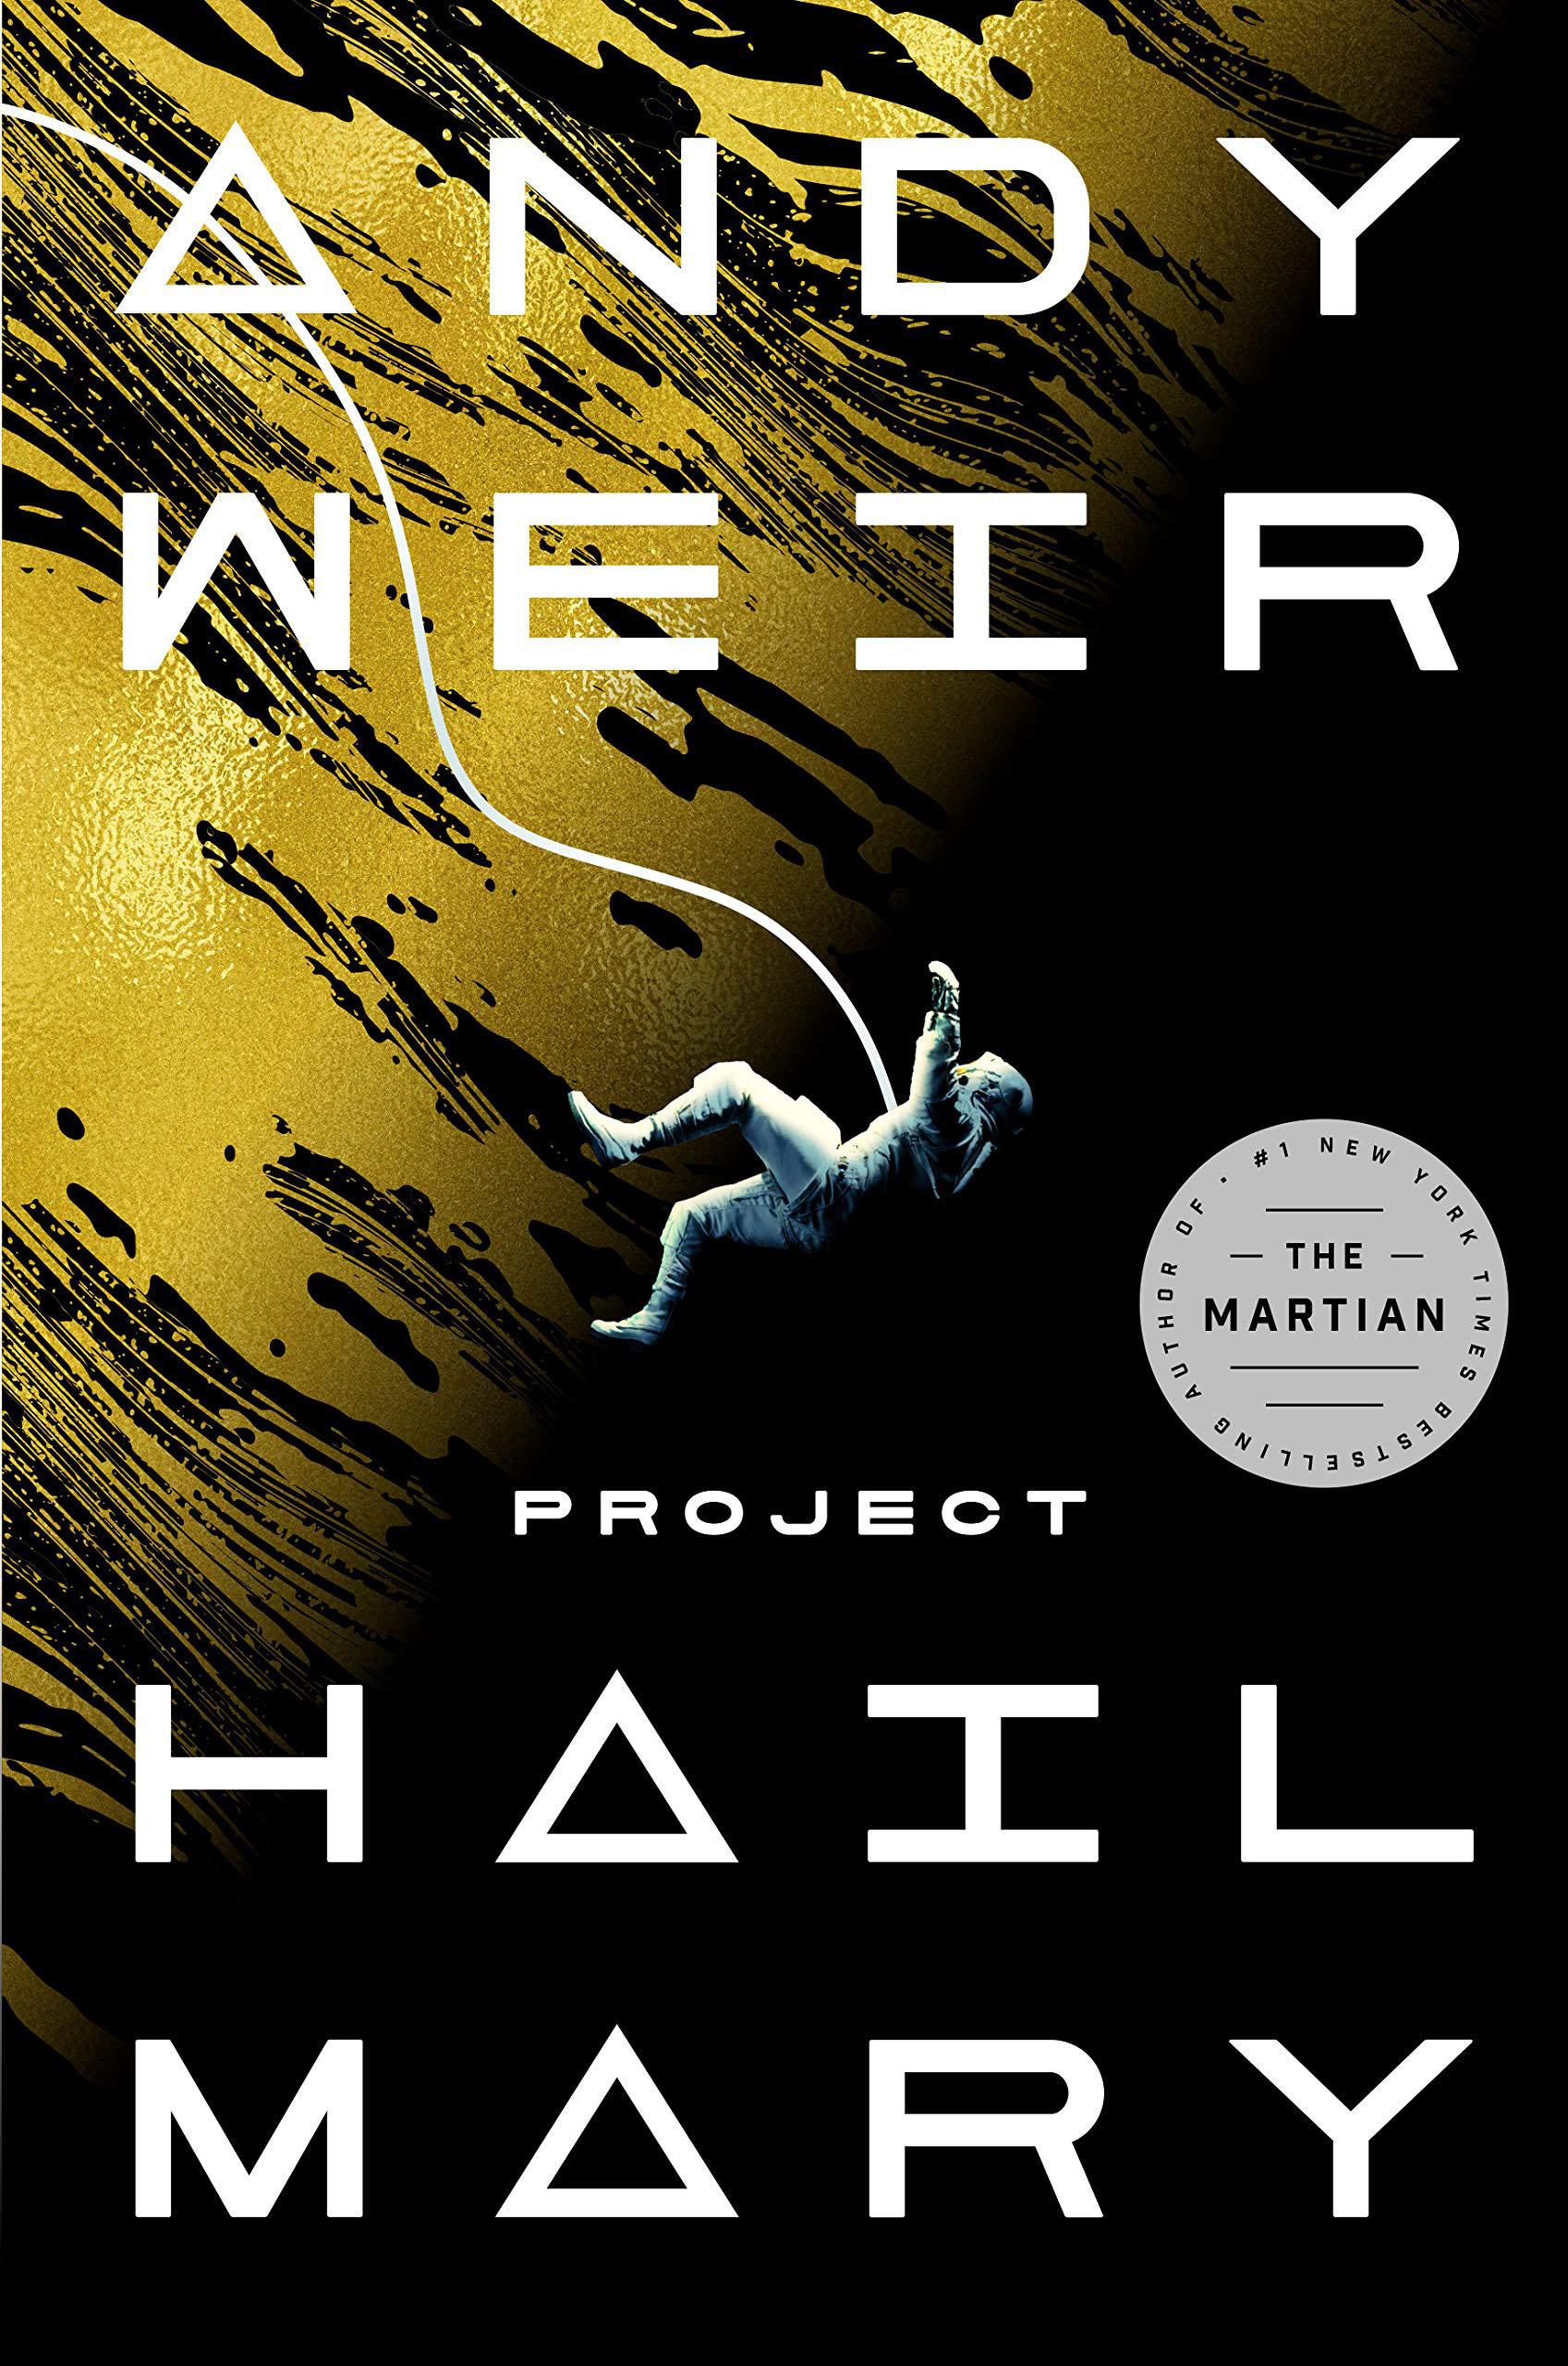 L'auteur à succès Andy Weir envoie un astronaute solo dans l'espace pour sauver la Terre de la catastrophe